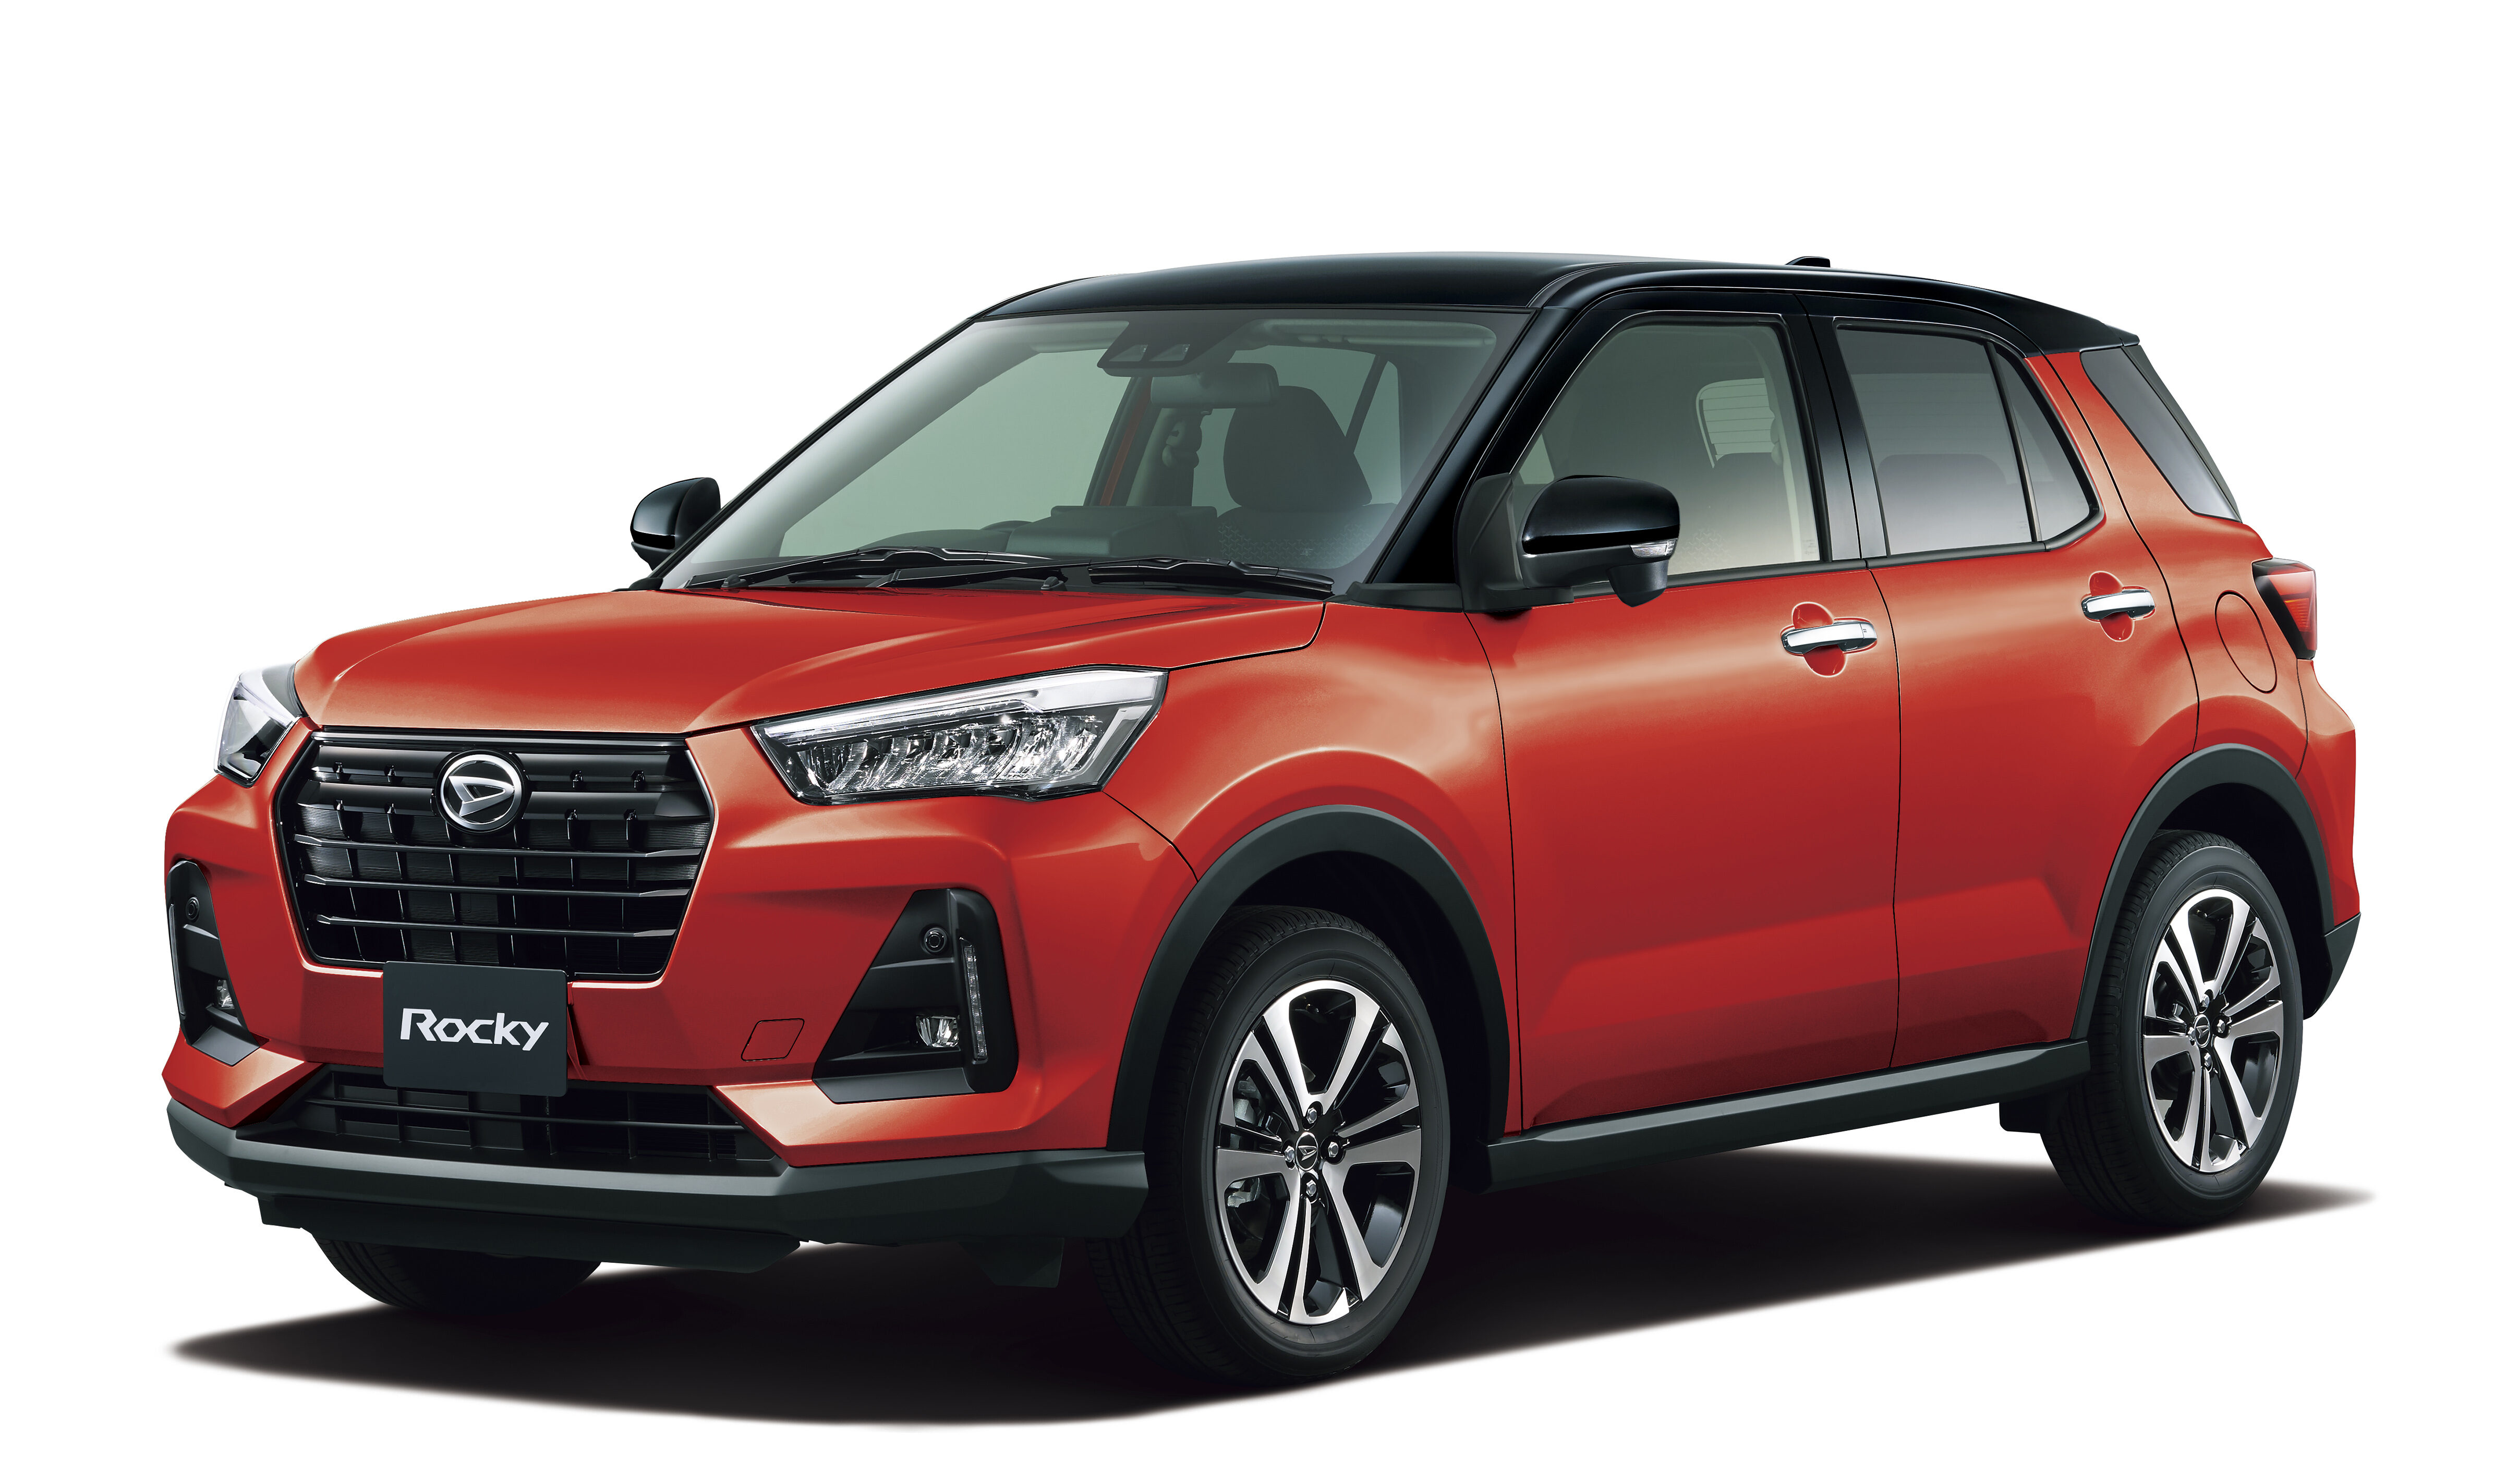 【ダイハツのSUV】新車全4車種一覧比較&口コミ評価|2020年最新版